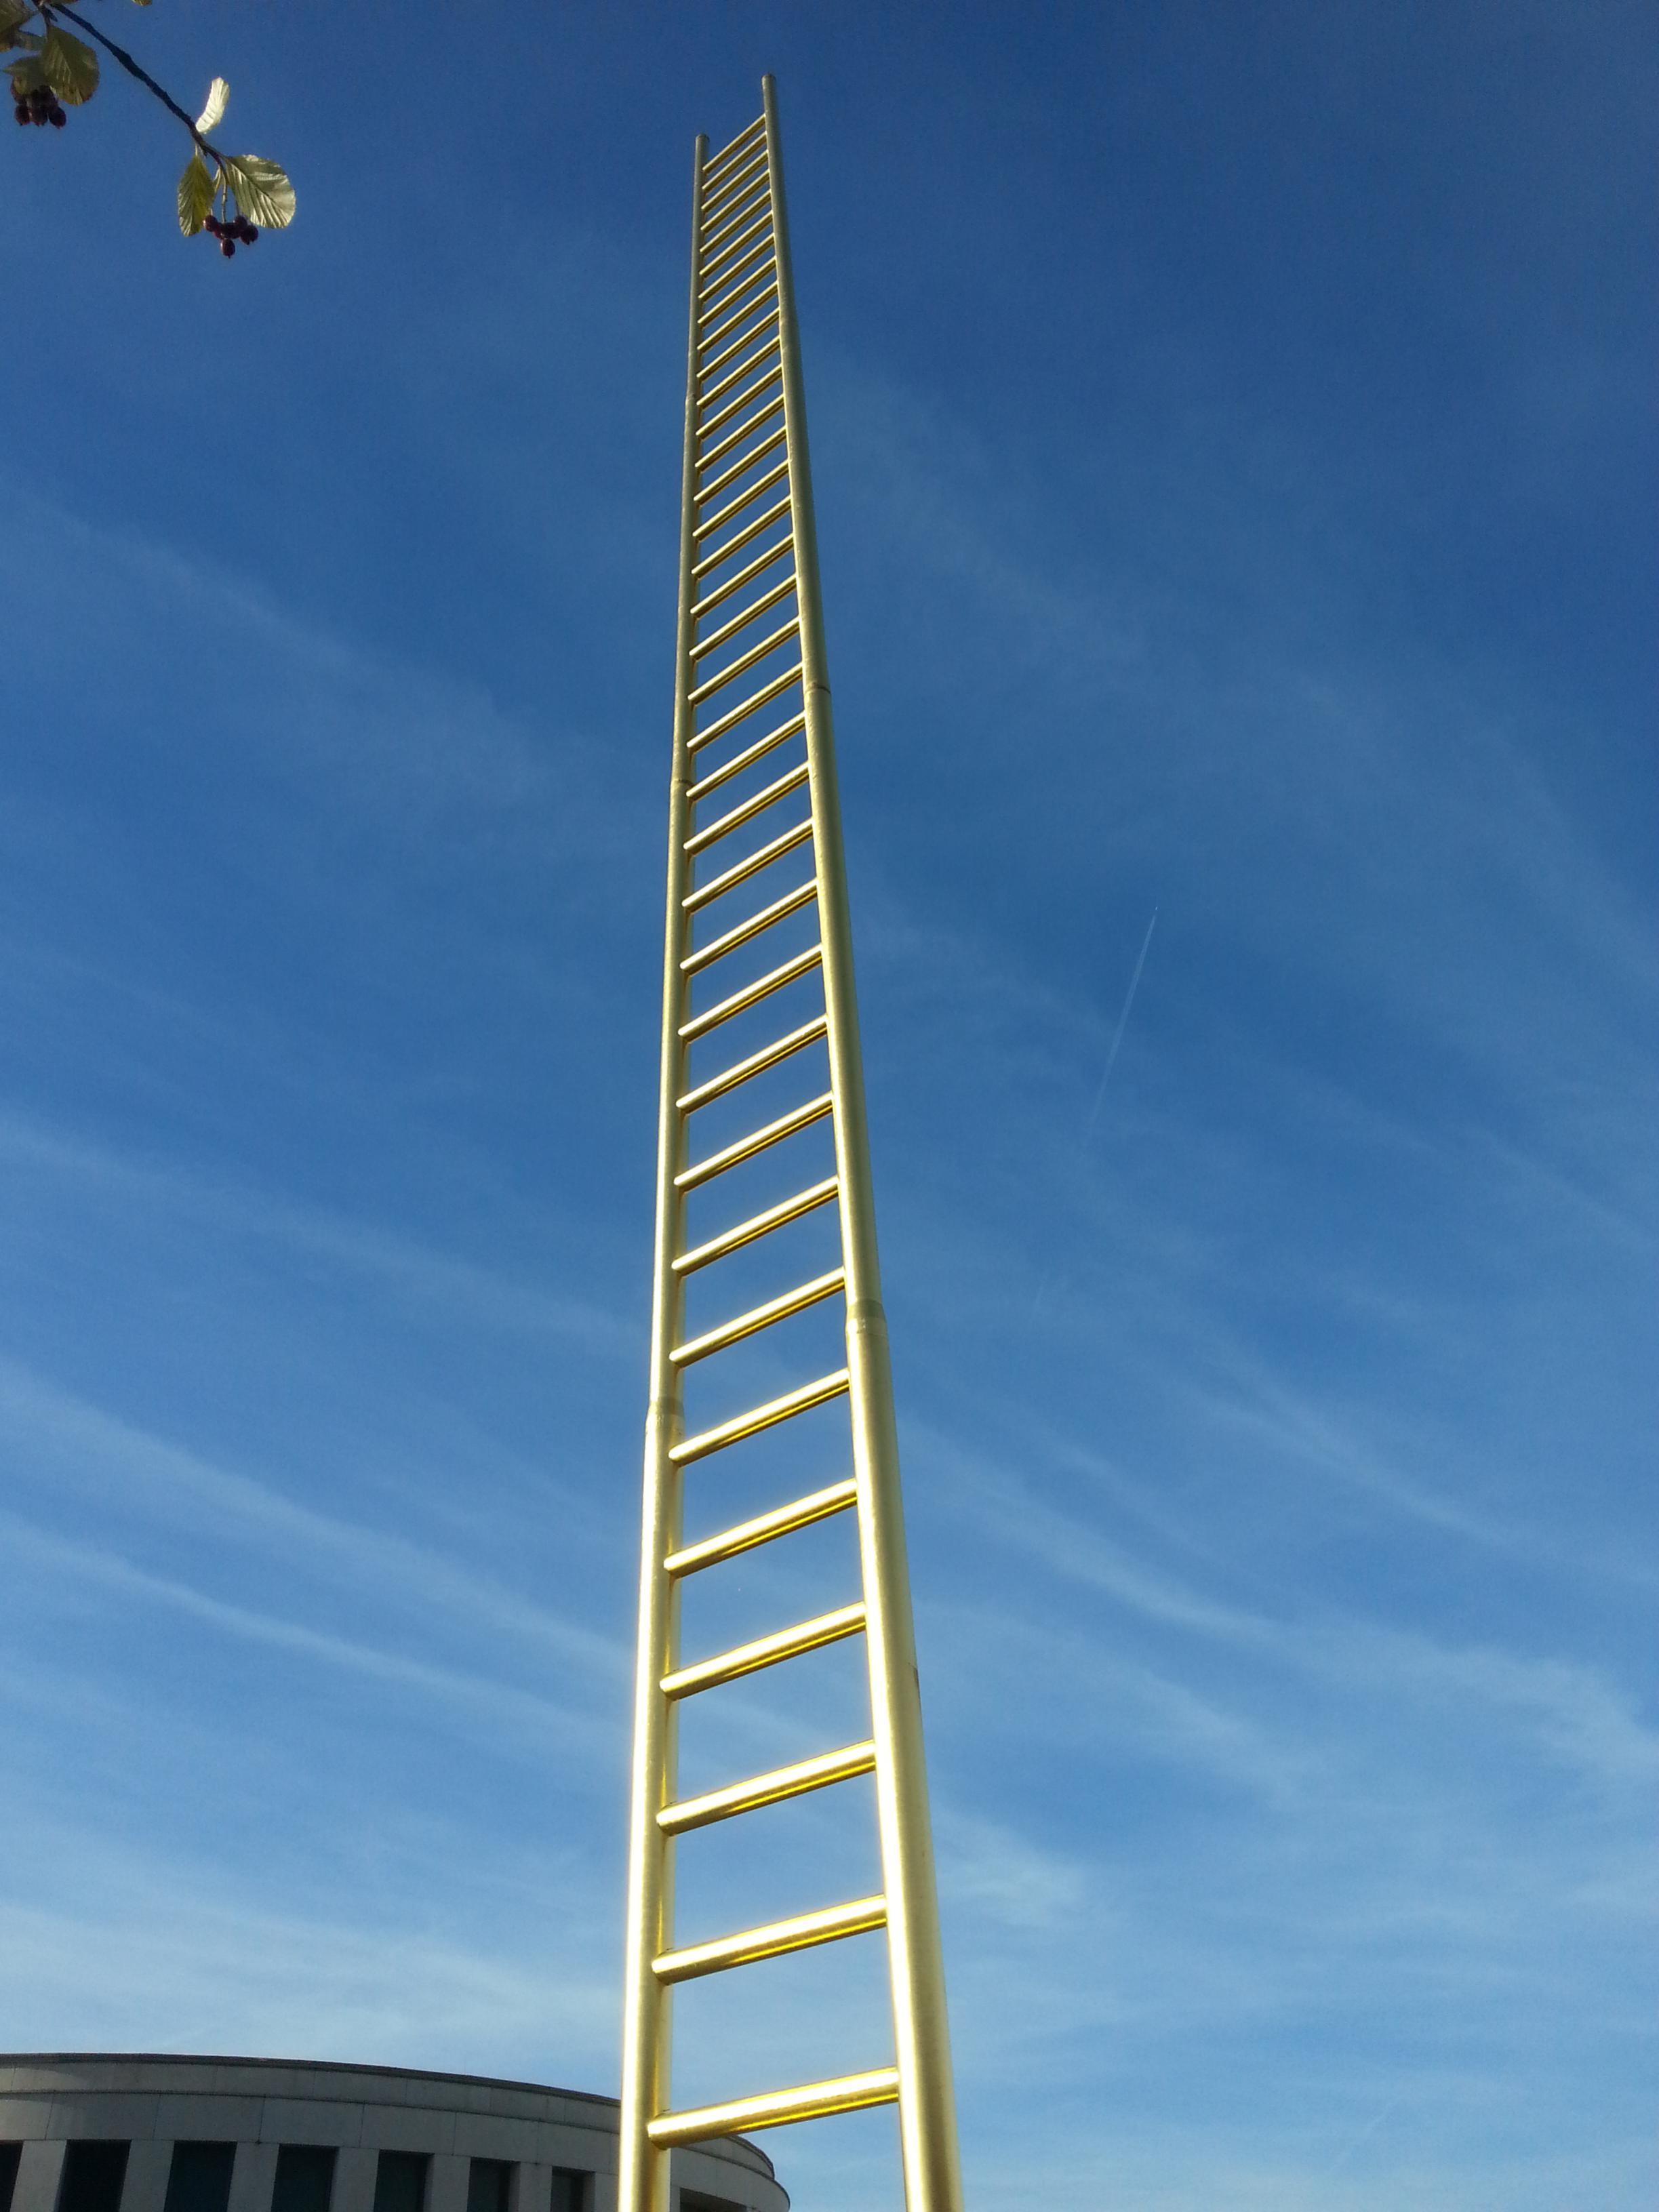 Klicke auf die Grafik für eine größere Ansicht  Name:Leiter (2).jpg Hits:133 Größe:408,9 KB ID:77641